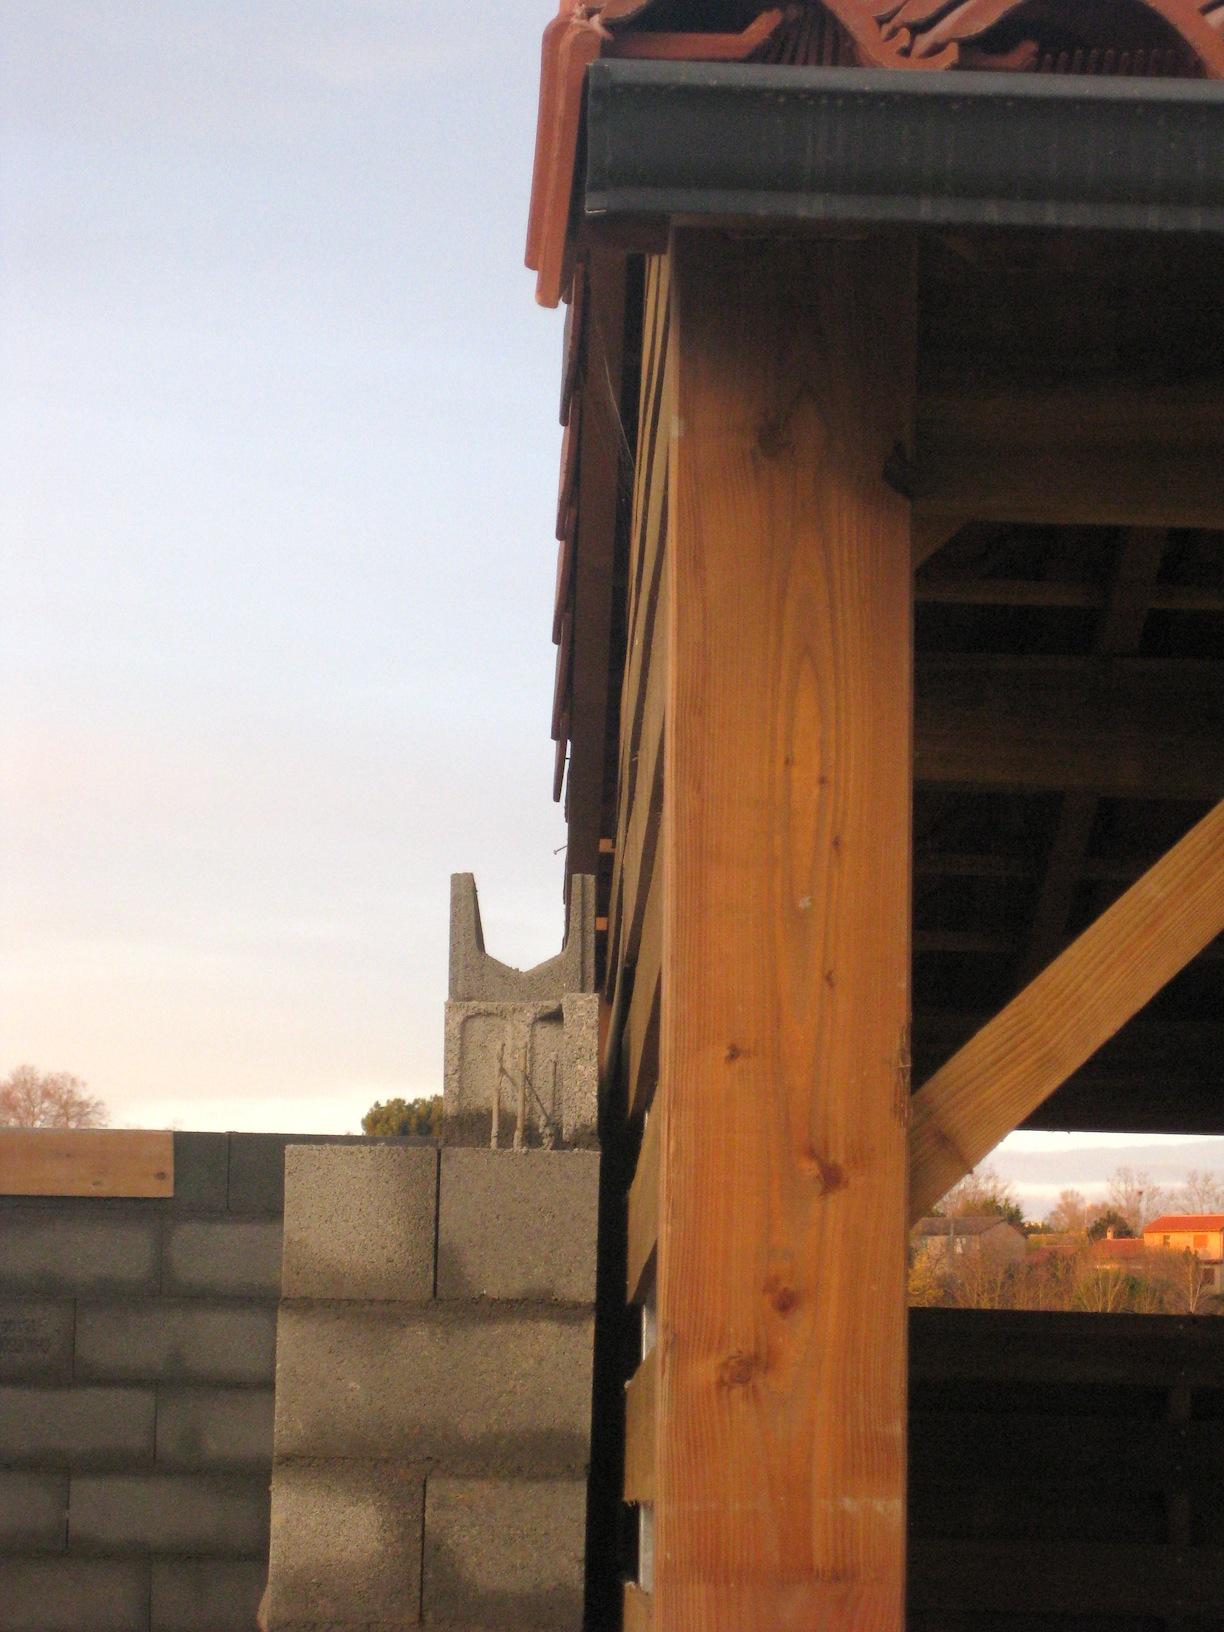 D bord de pignon du voisin en limite s parative 17 messages - Mur en limite de propriete droit ...